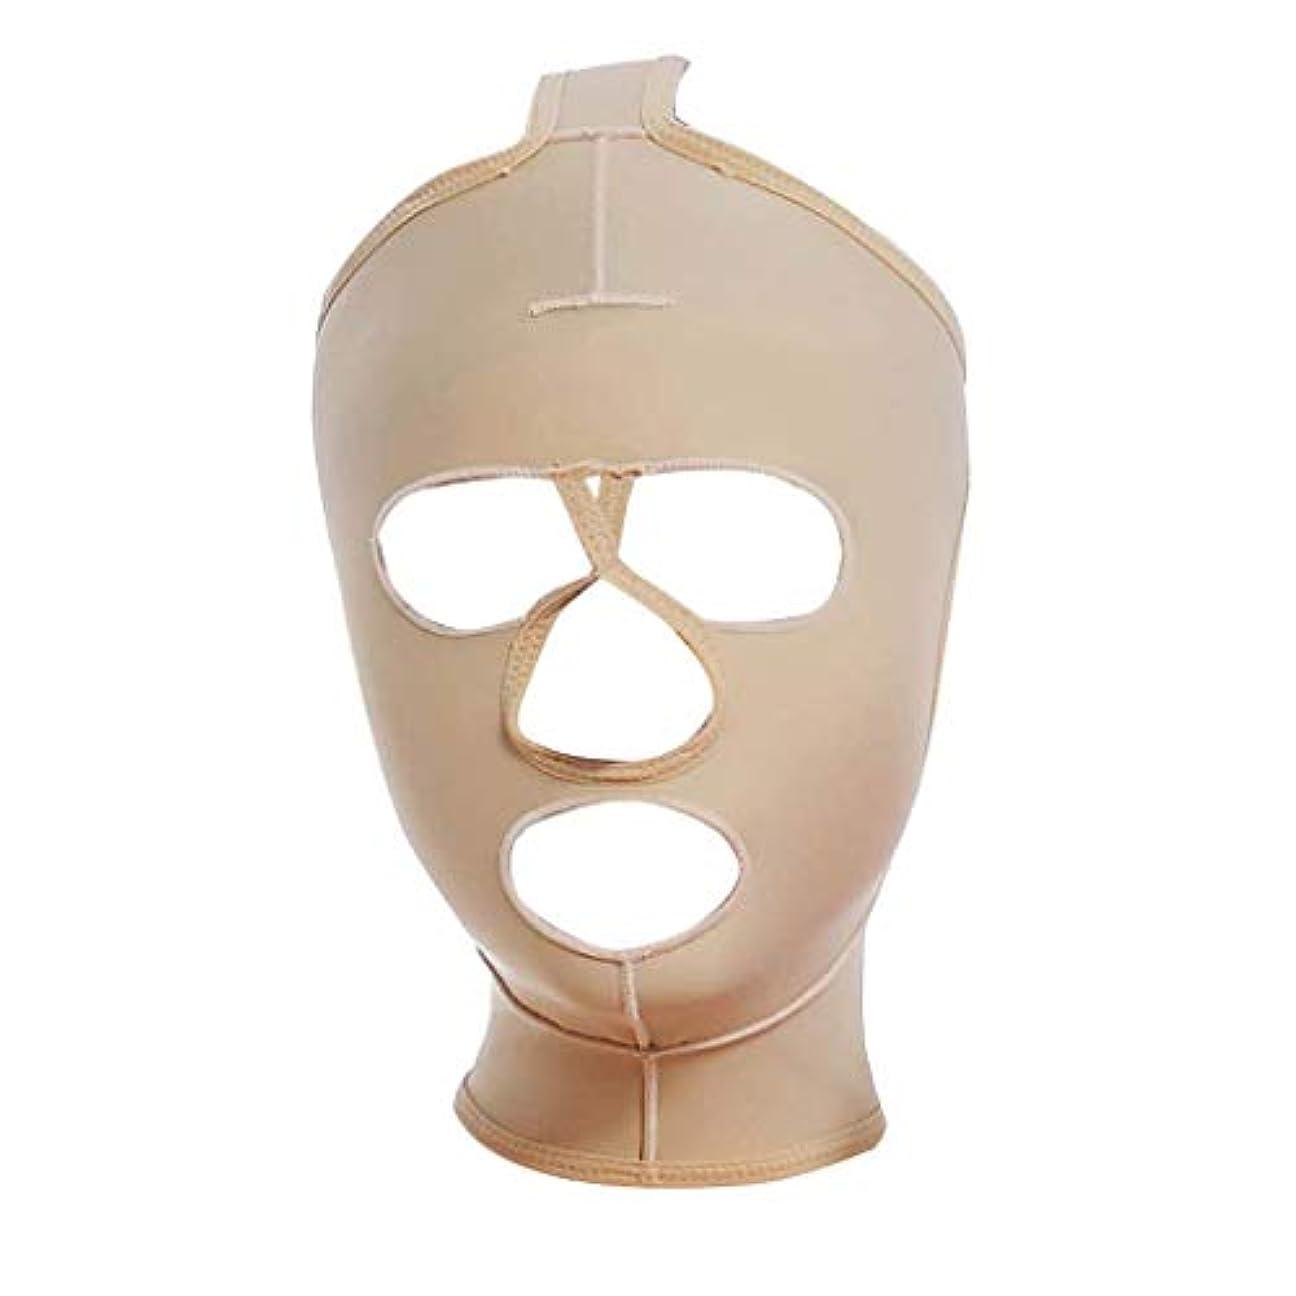 フェイス&ネックリフト、減量フェイスマスク脂肪吸引術脂肪吸引術整形マスクフードフェイスリフティングアーティファクトVフェイスビームフェイス弾性スリーブ(サイズ:XXL),L